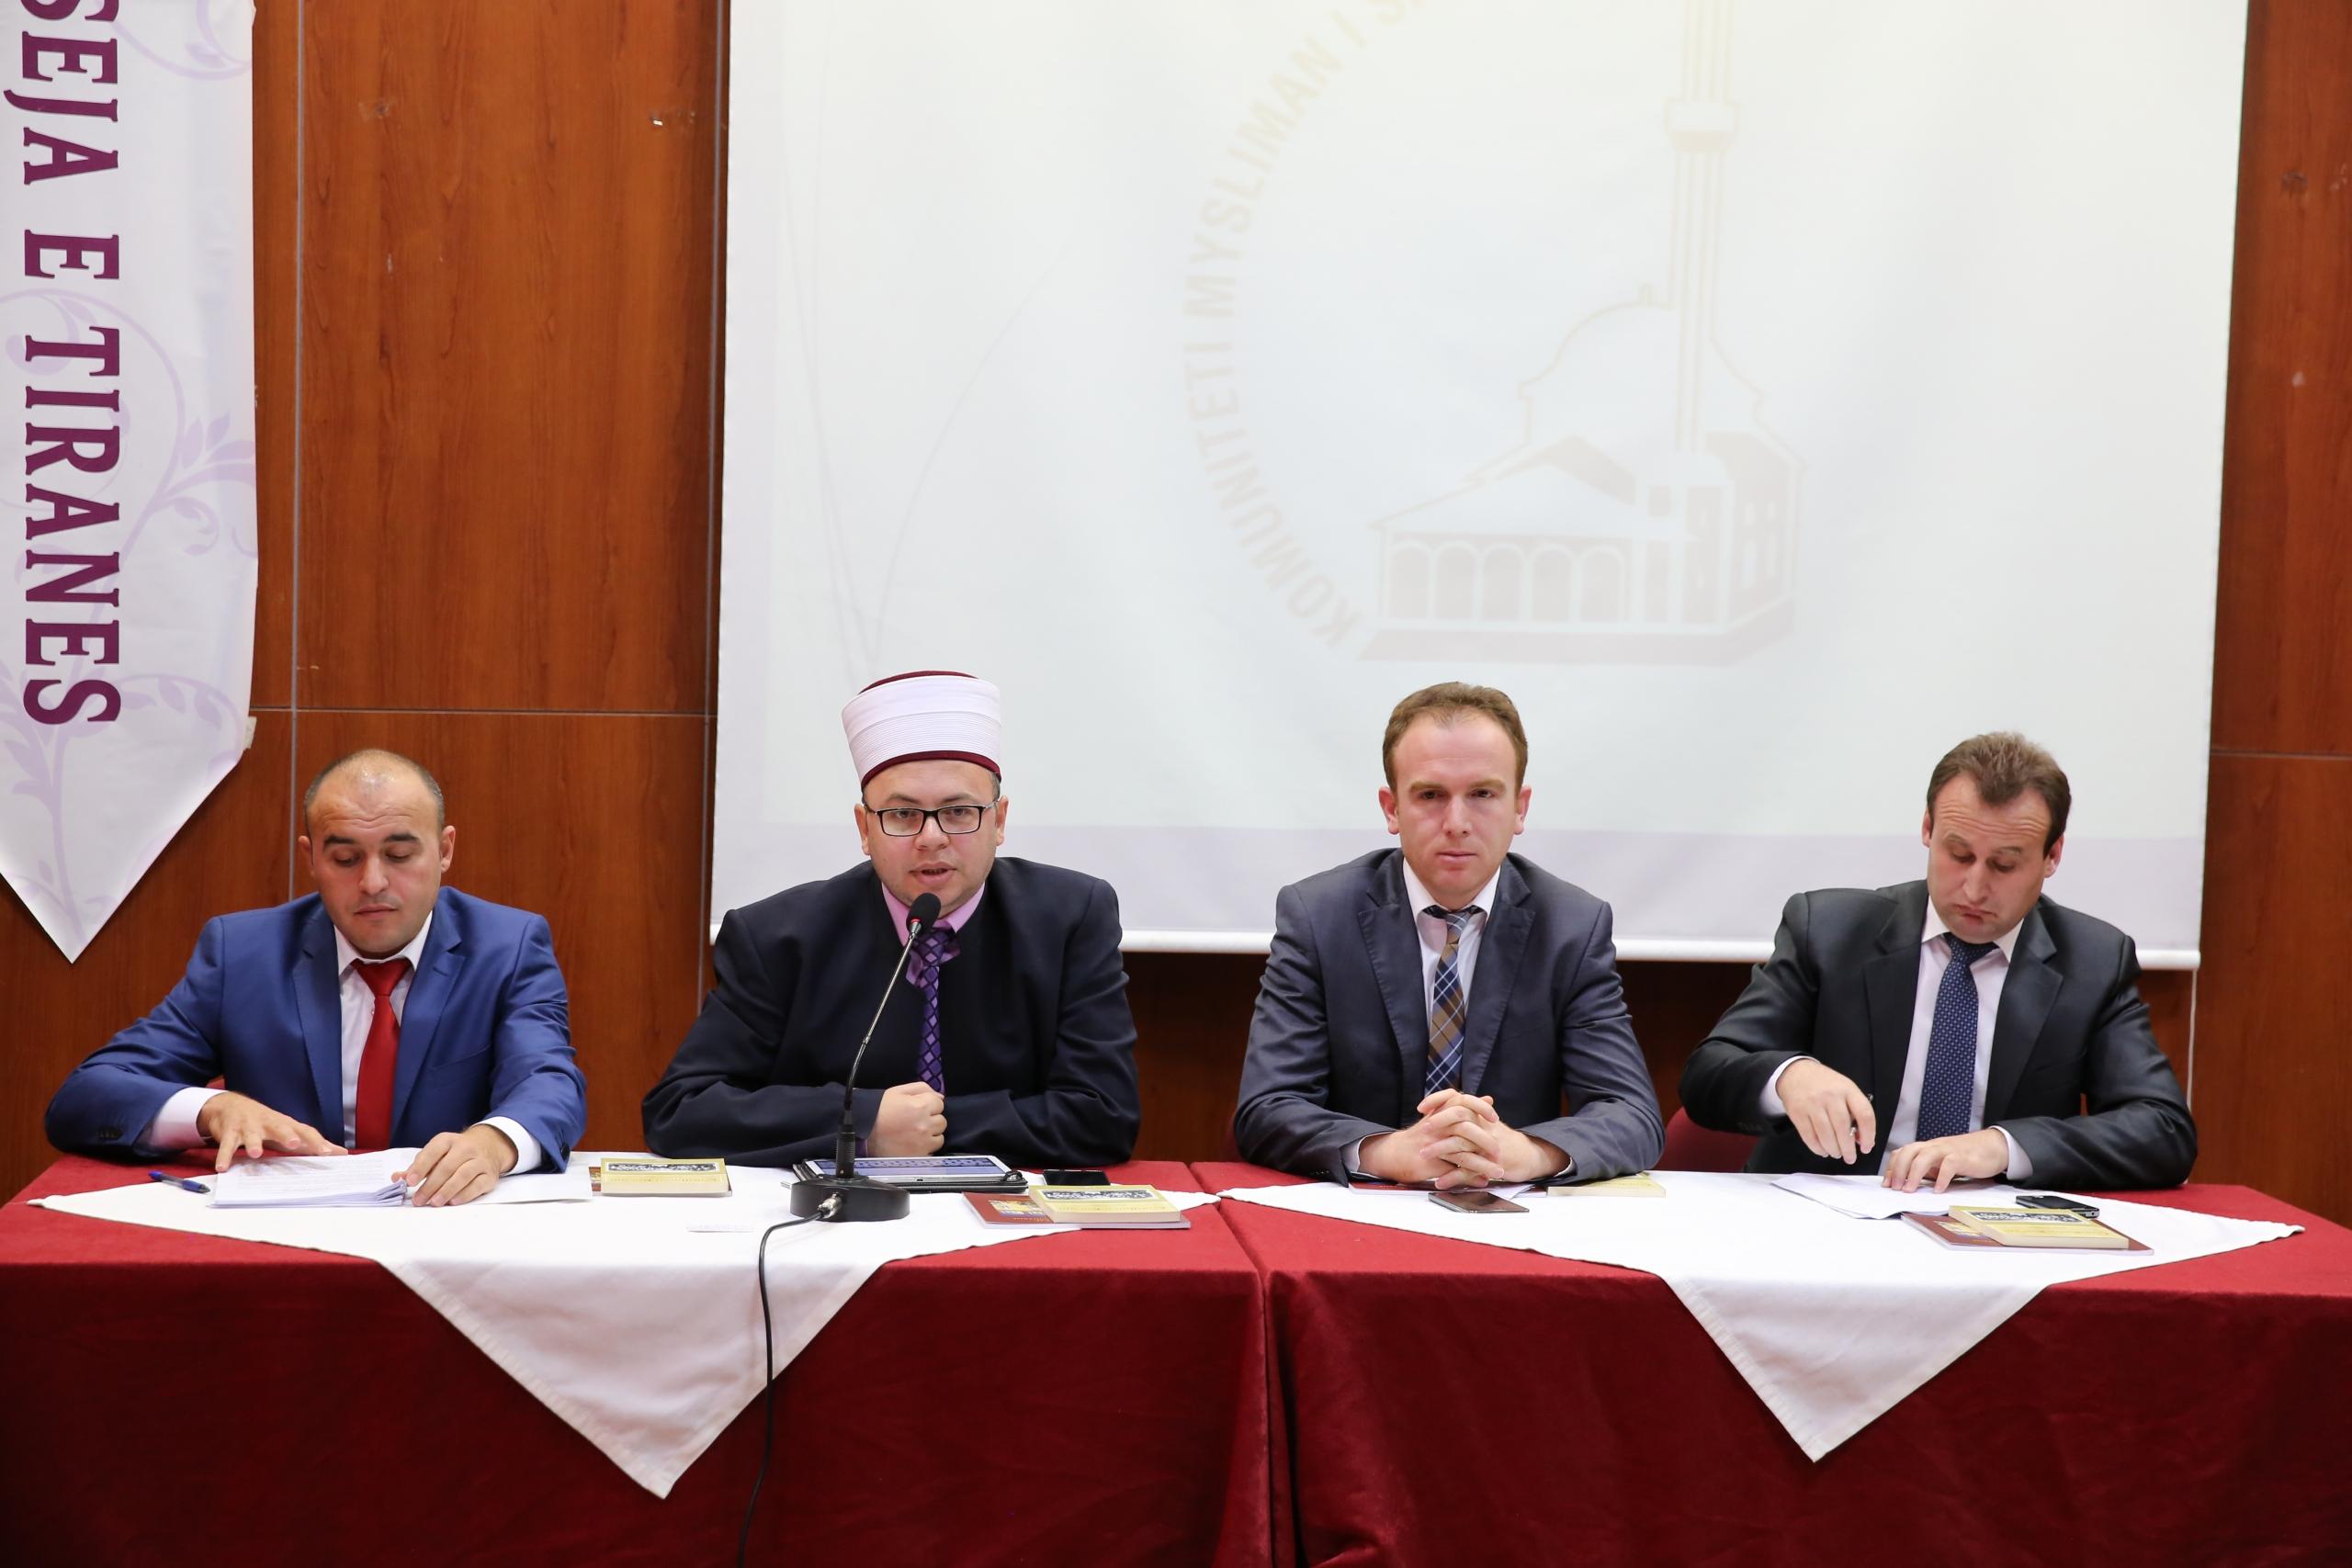 Zhvillohet mbledhja e Këshillit të Përgjithshëm të KMSH